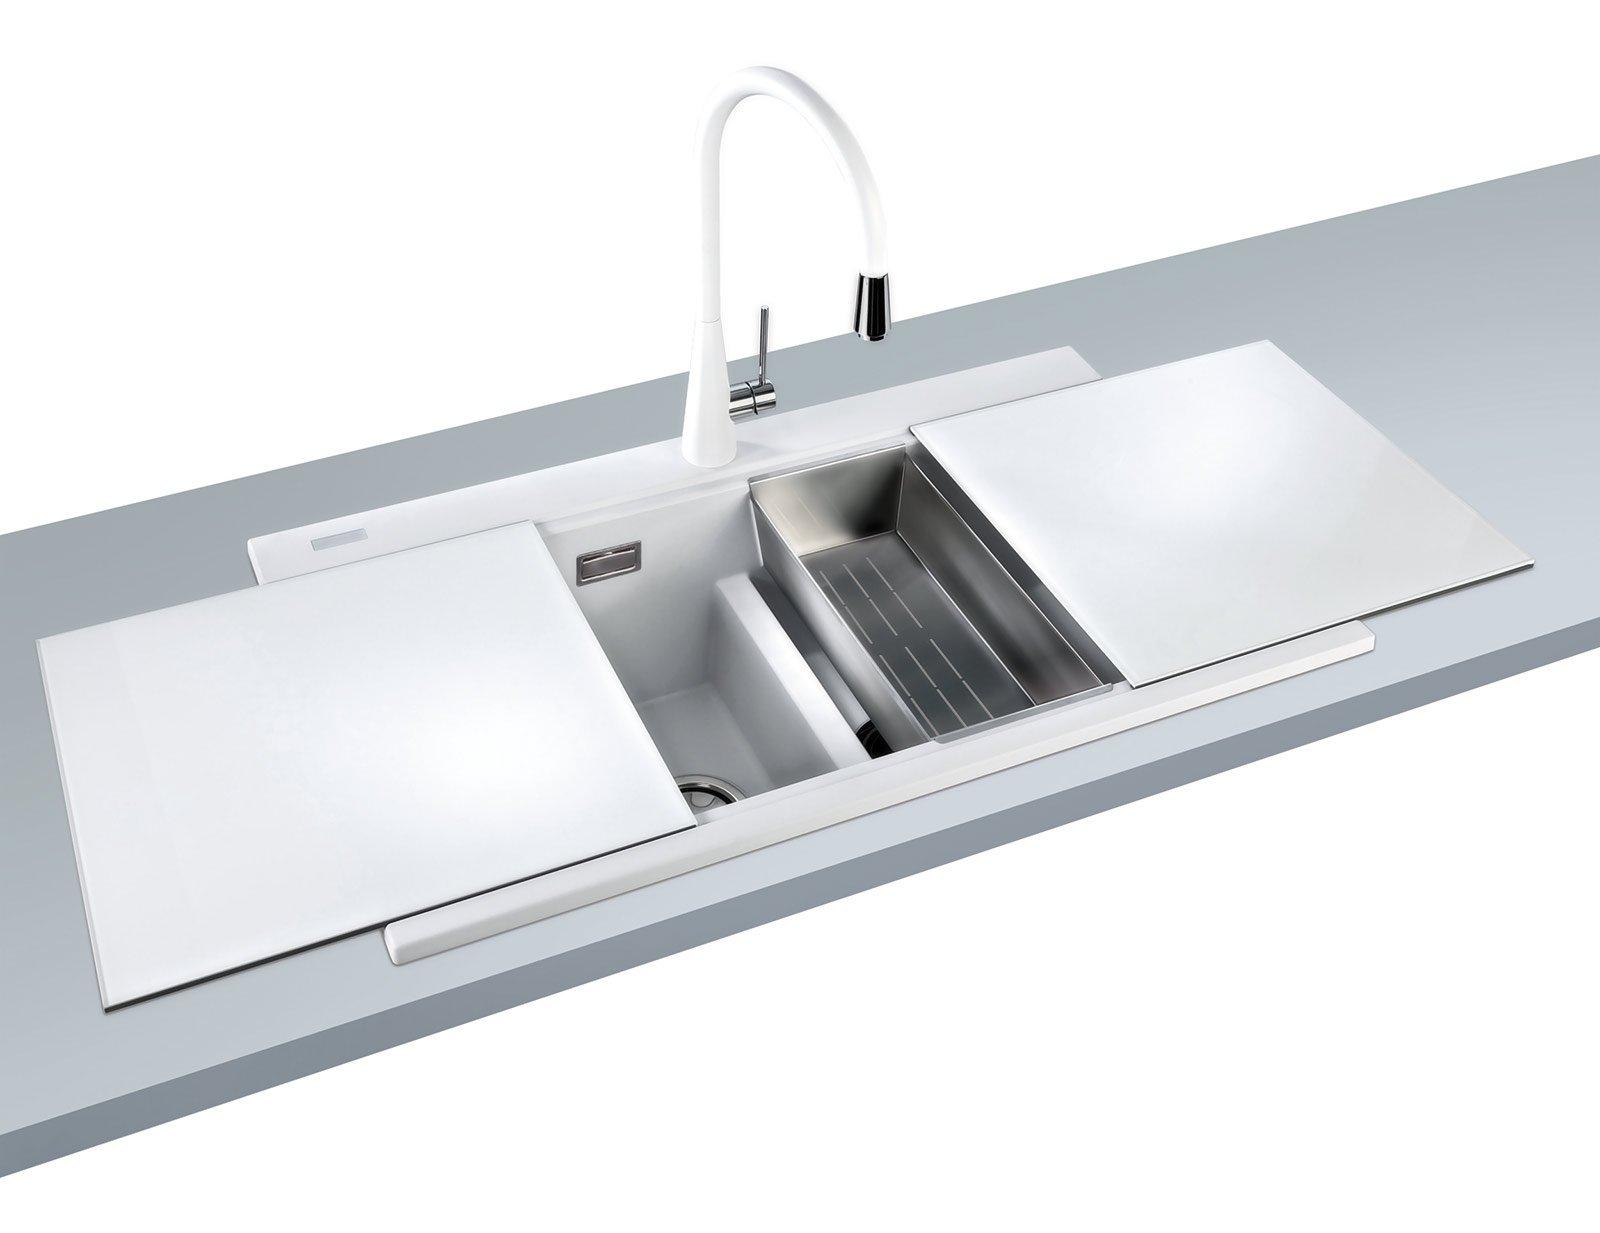 Lavelli come sceglierli cose di casa - Lavello cucina resina ...